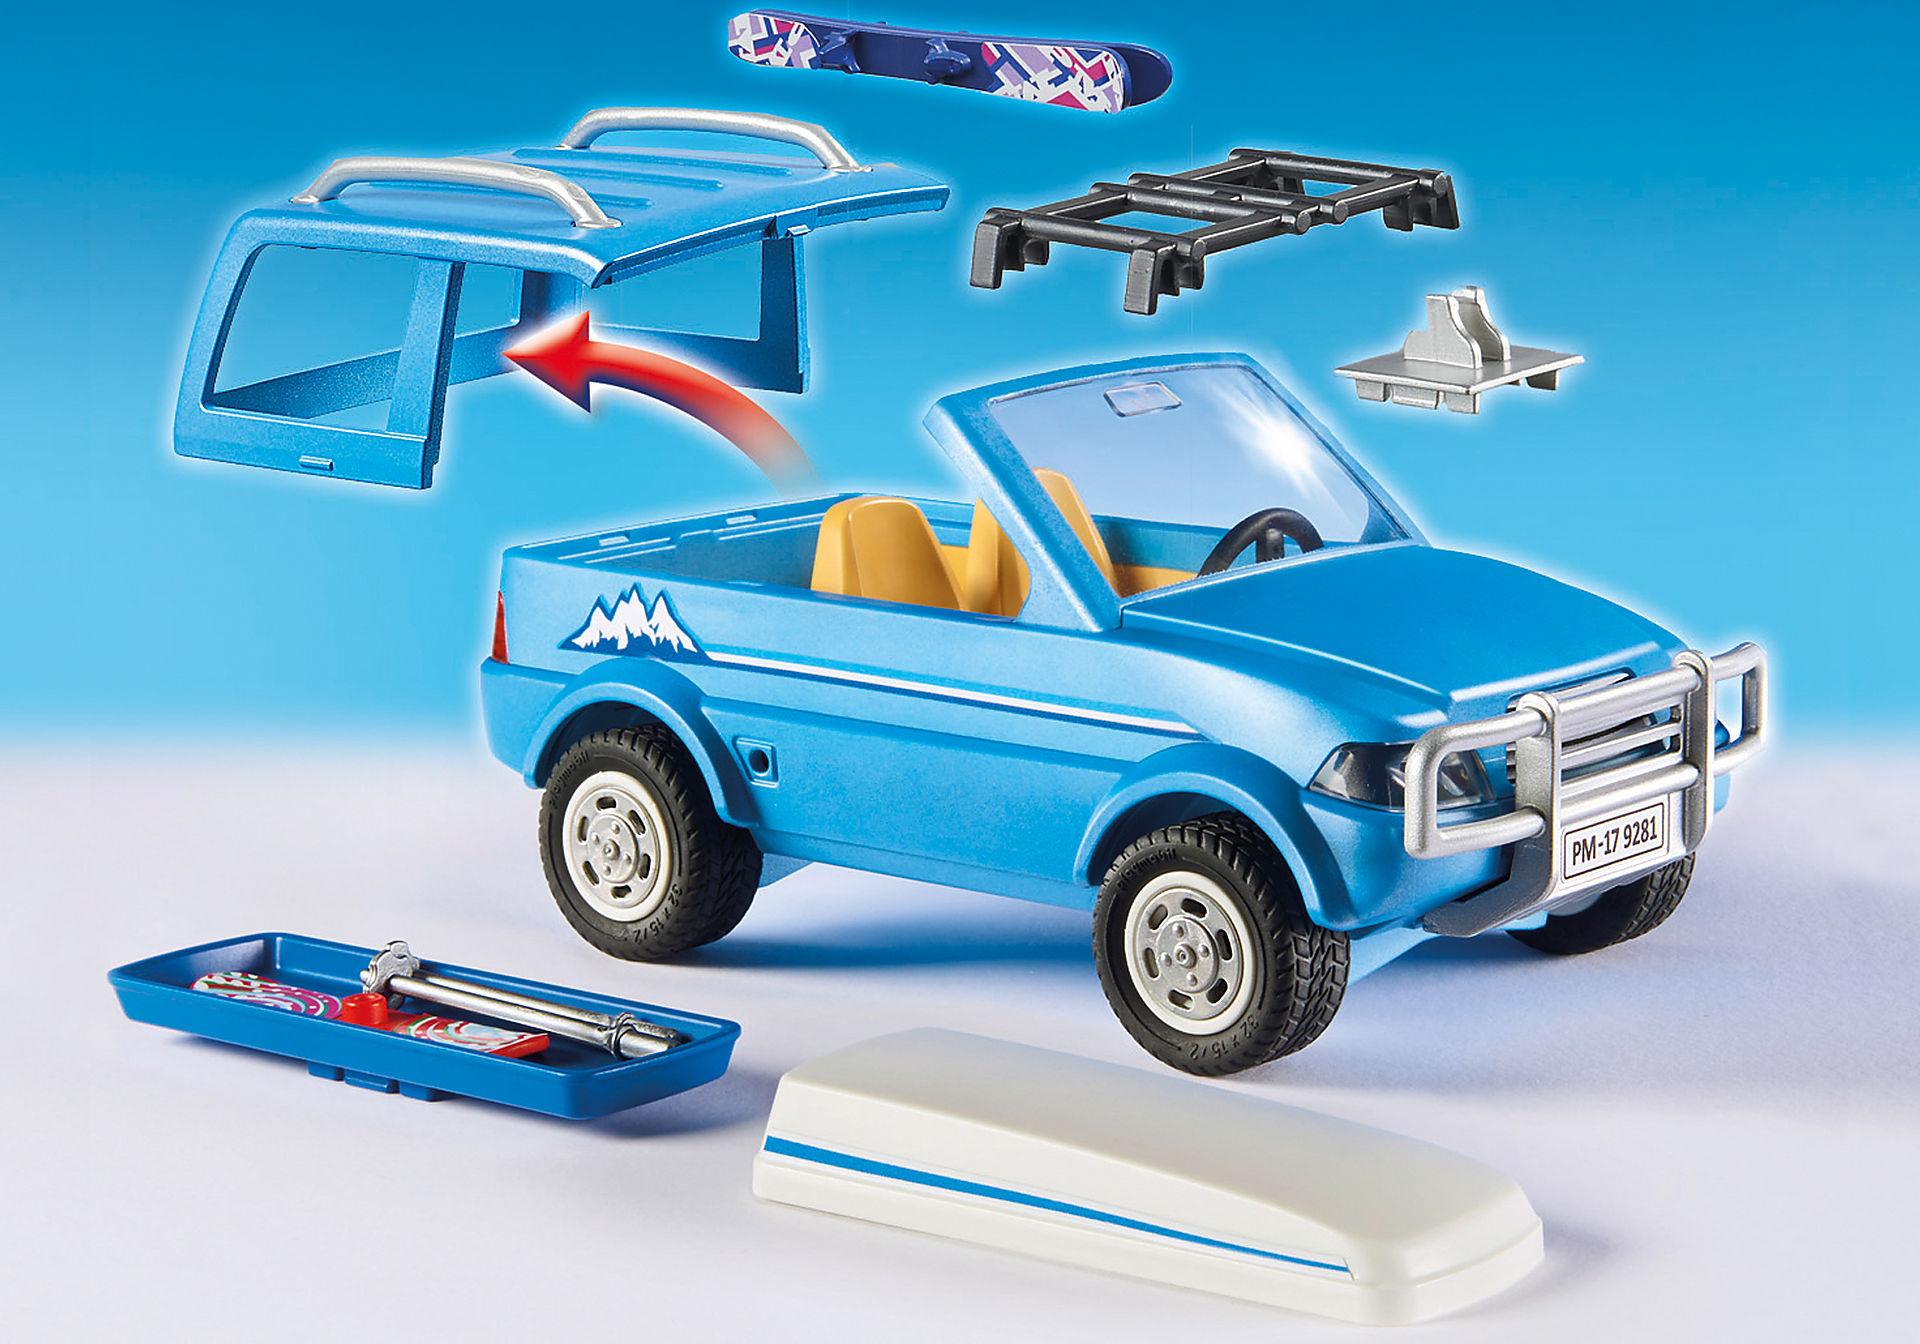 9281 Auto z boxem dachowym zoom image7